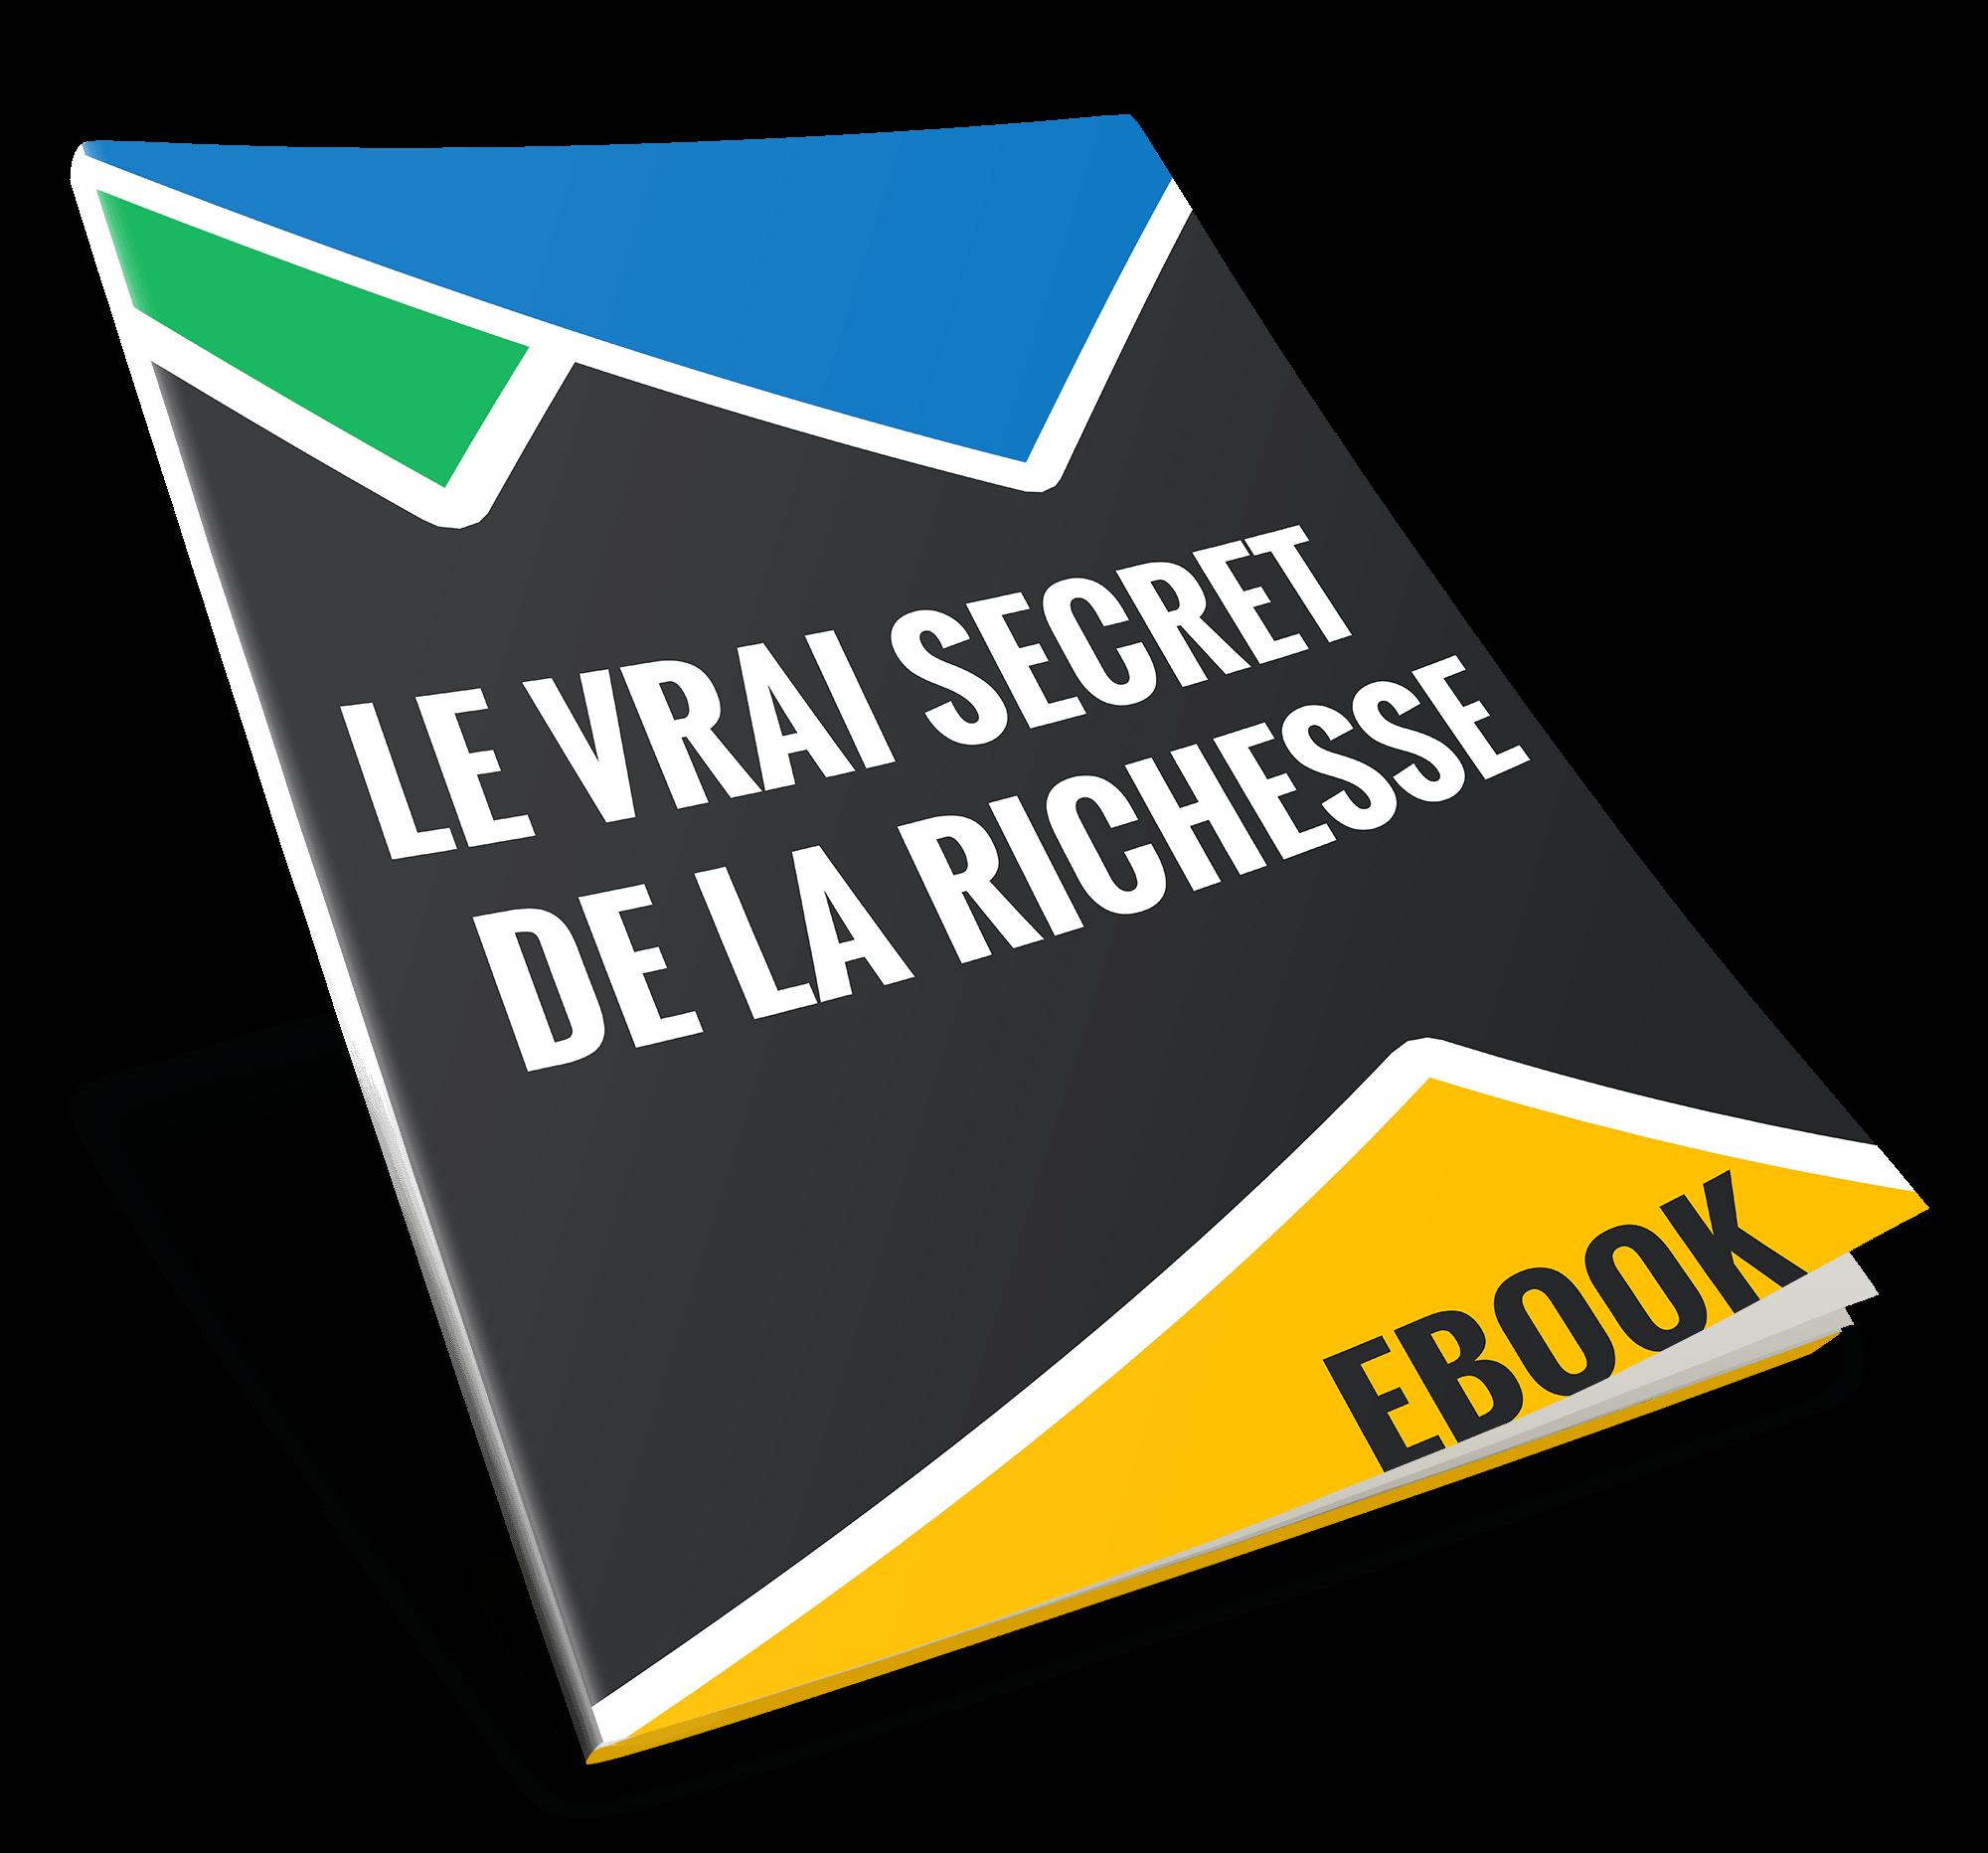 Découvrez les 2 plus grands secrets pour devenir libre financièrement !